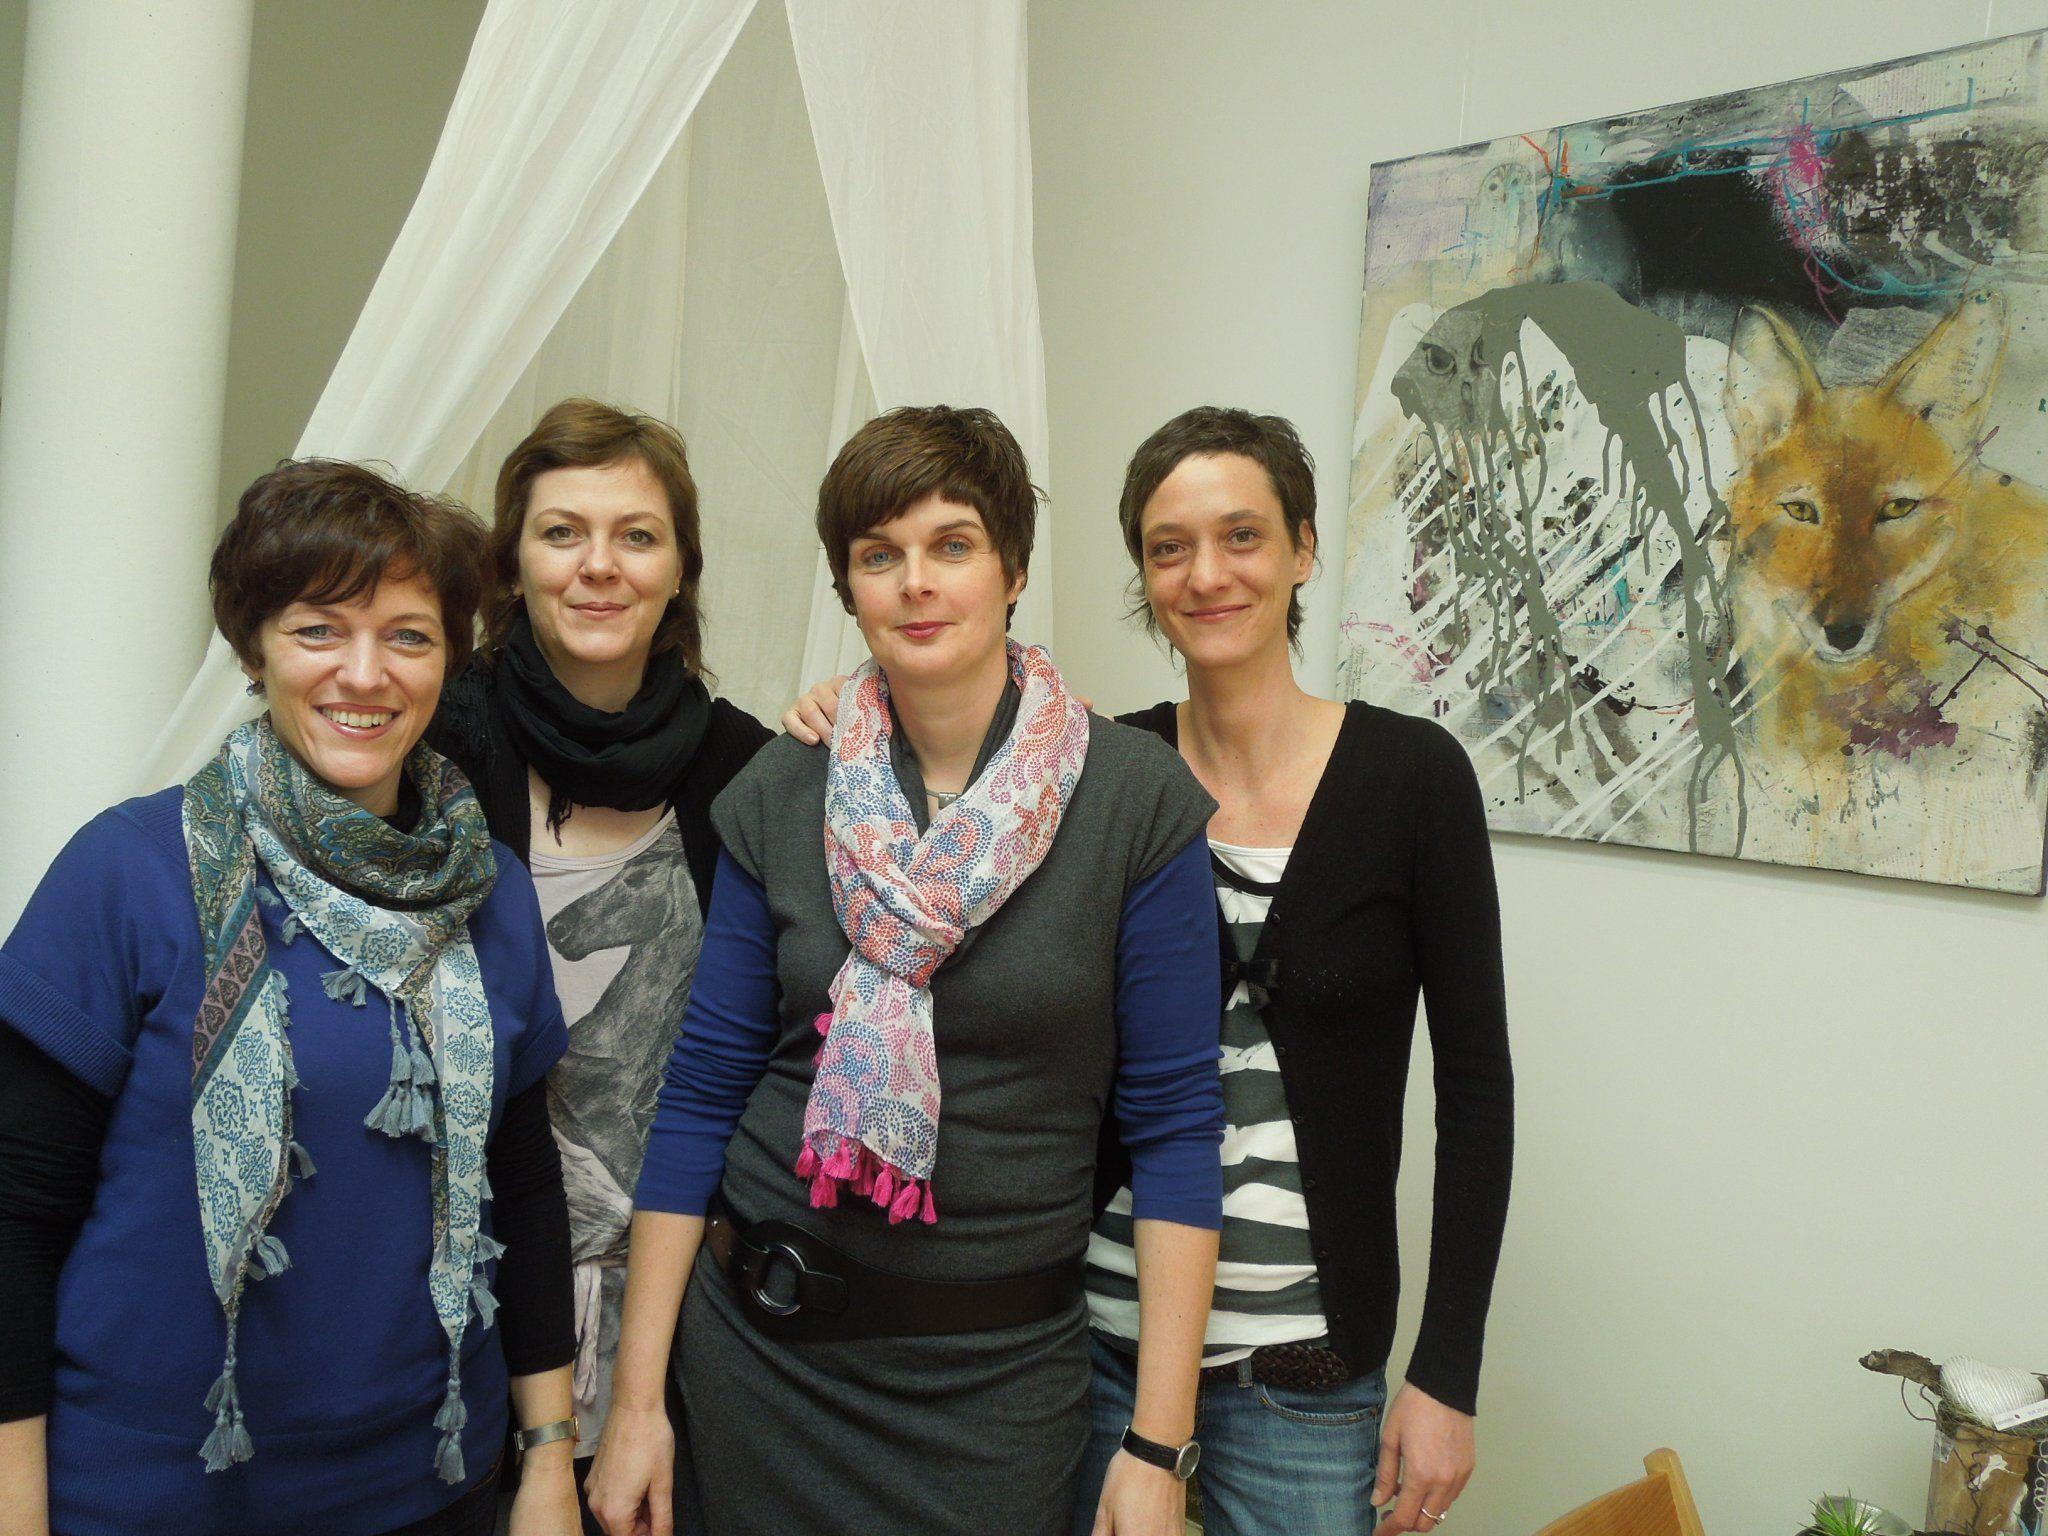 Kreative unter sich: Evi Coric, Christine Stauss, Ulli Moosmann und Elke Krainer.